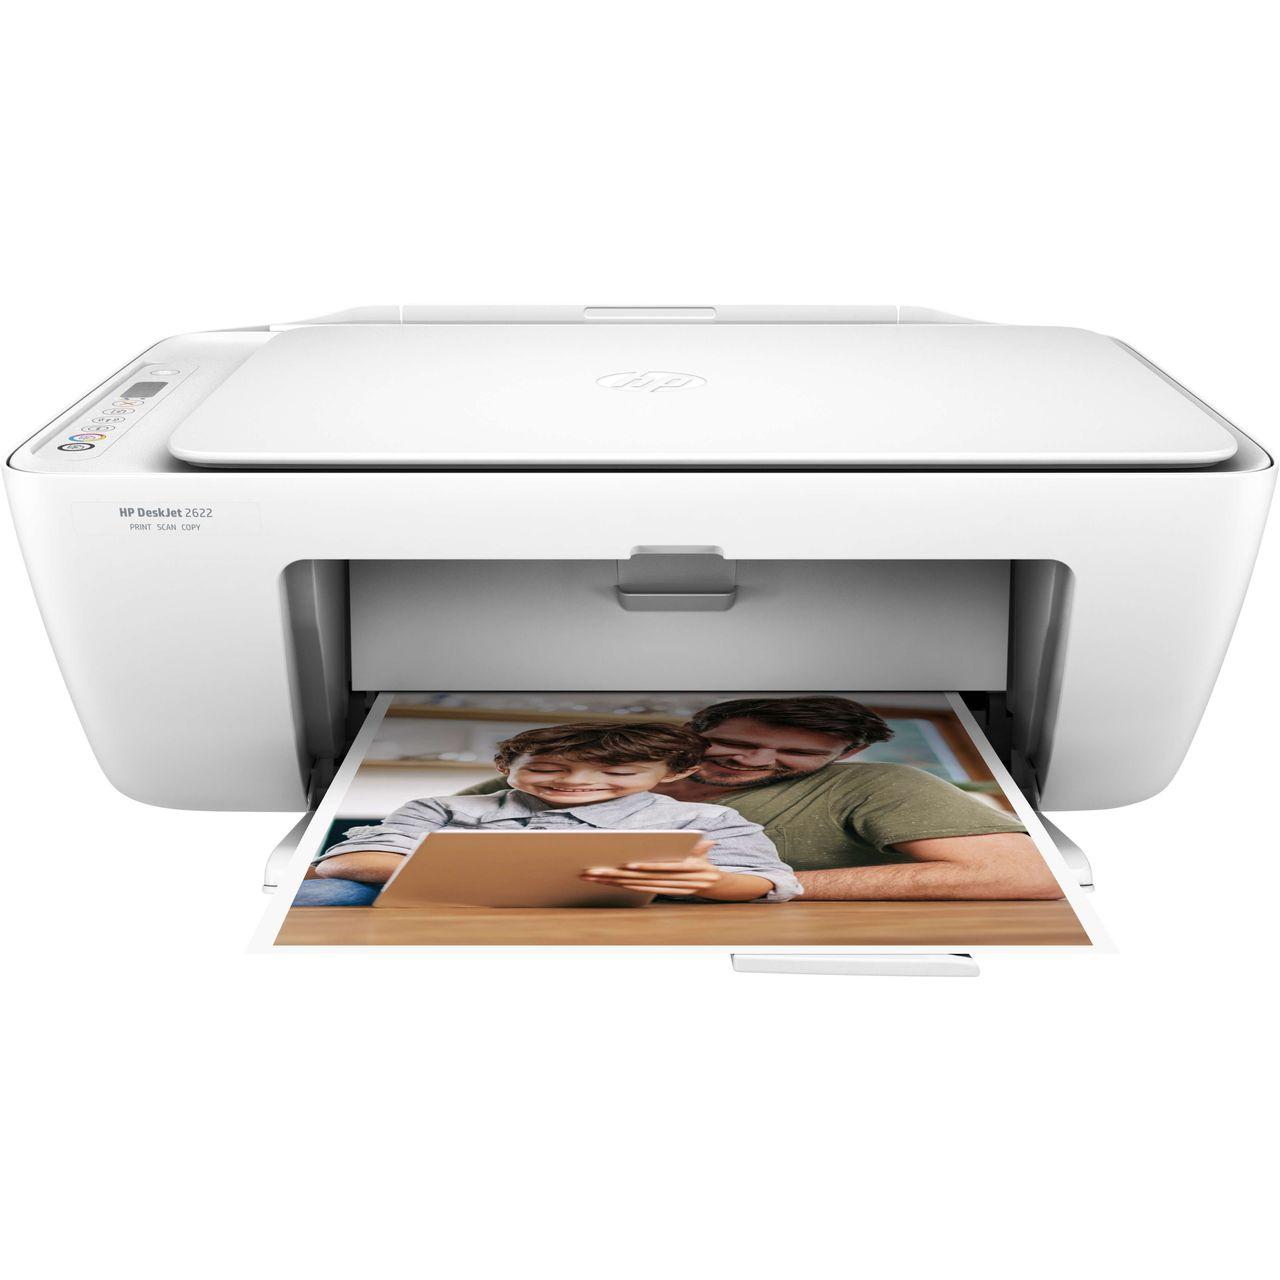 HP DeskJet 2622 Inkjet Printer White 193015169449 | eBay